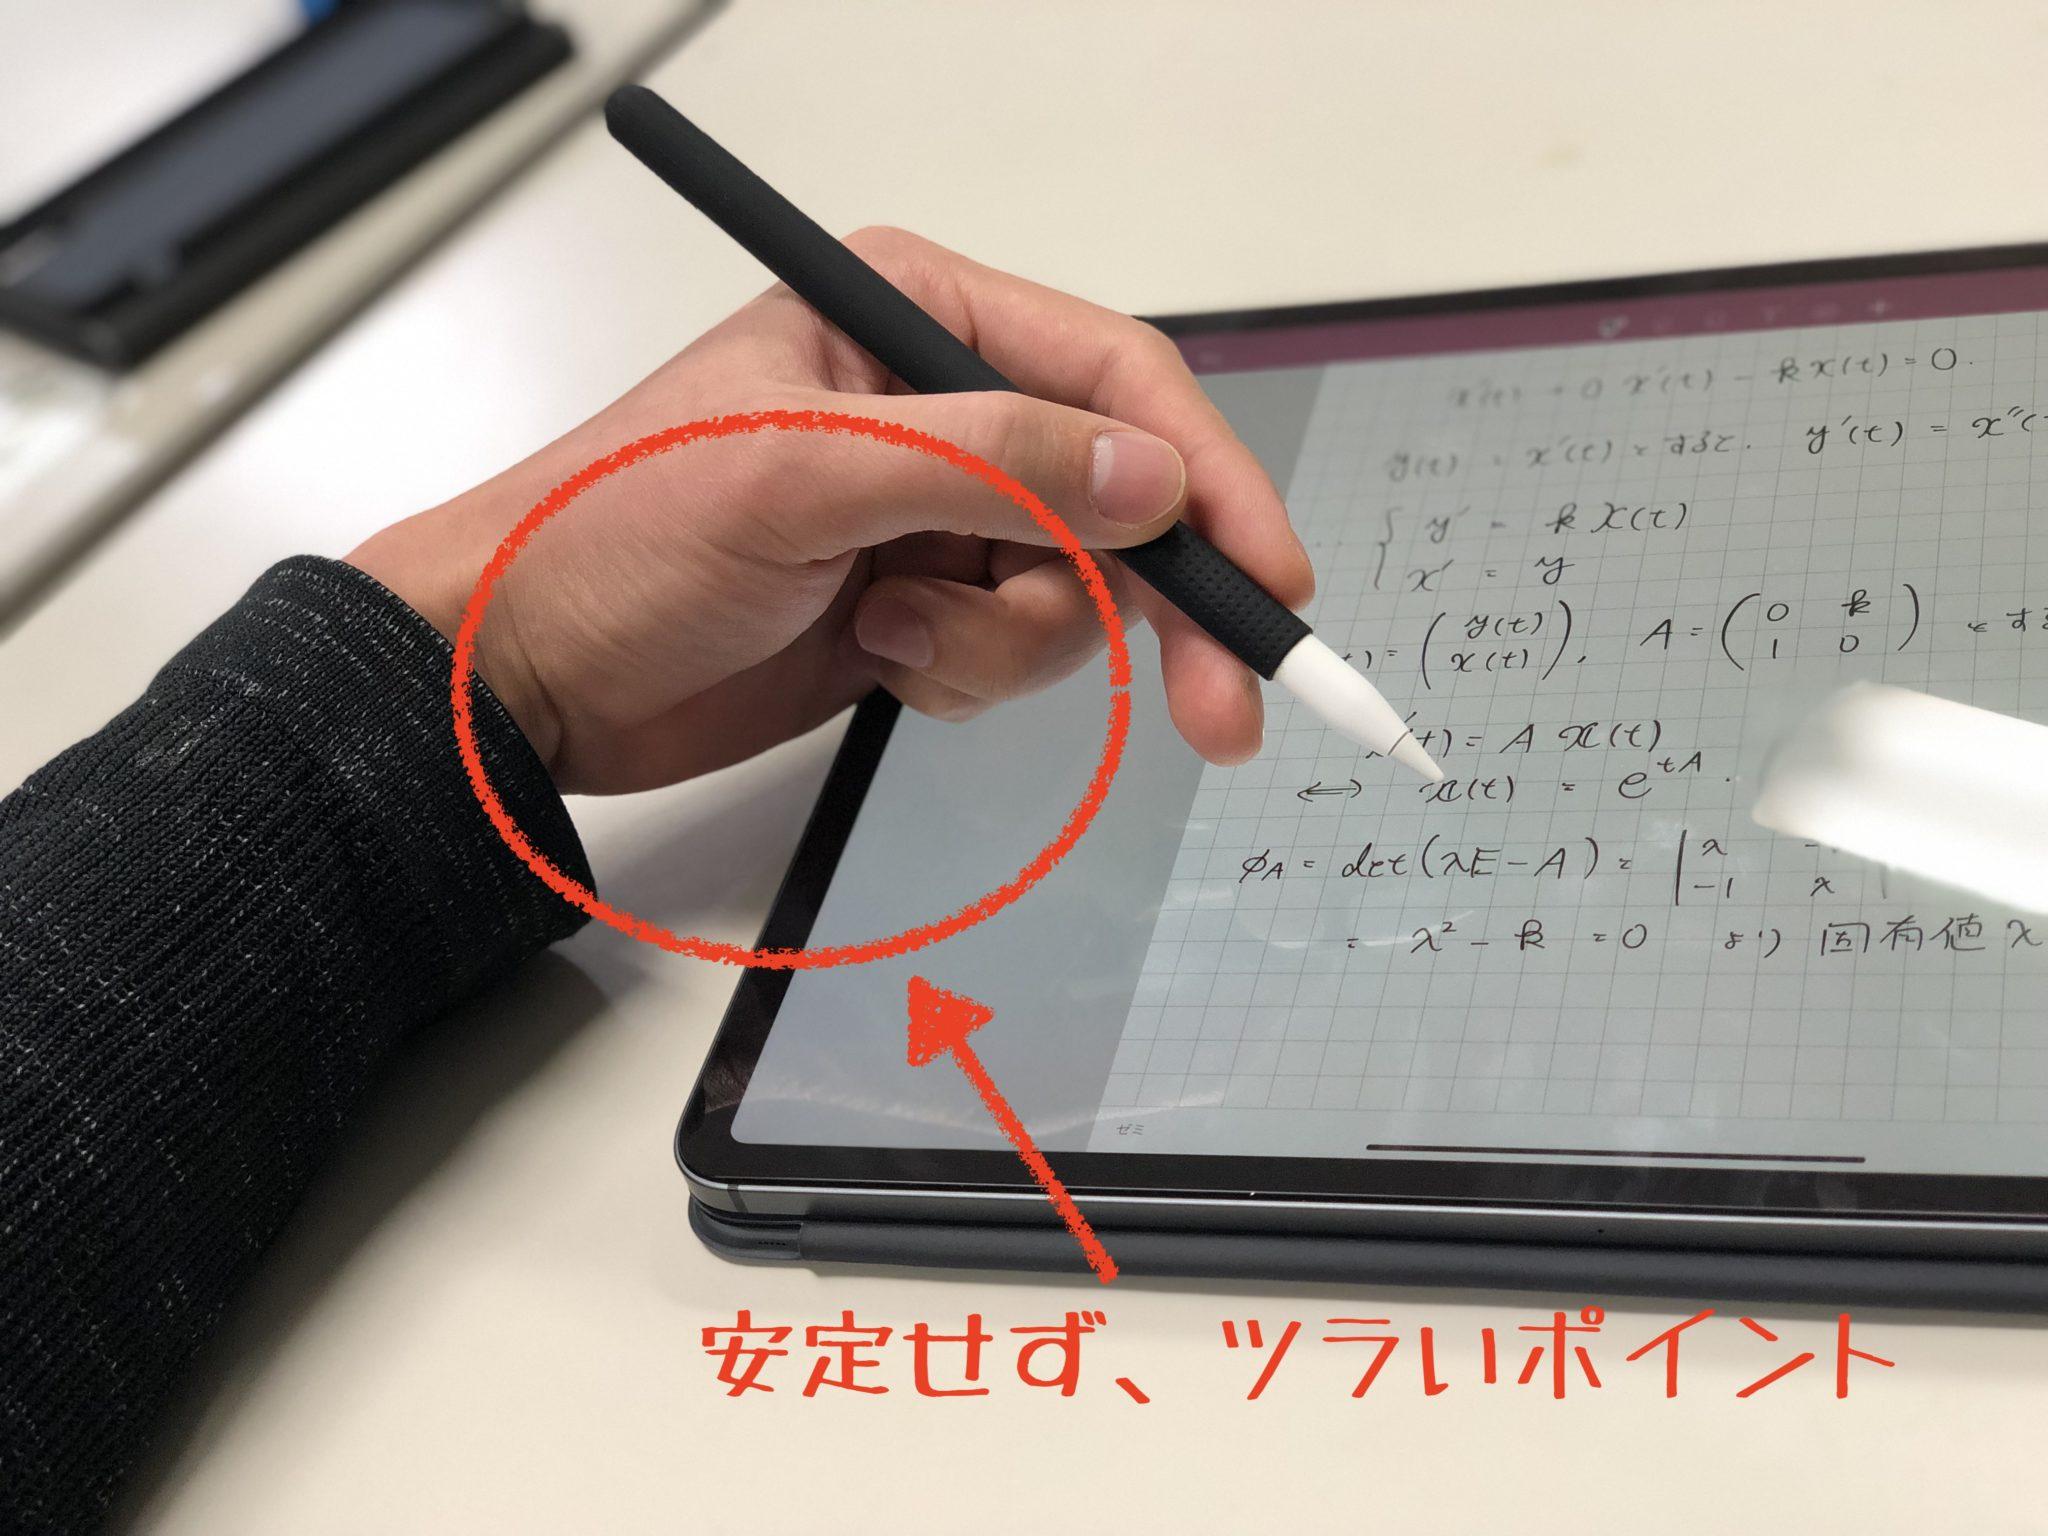 iPad Proで文字を書く